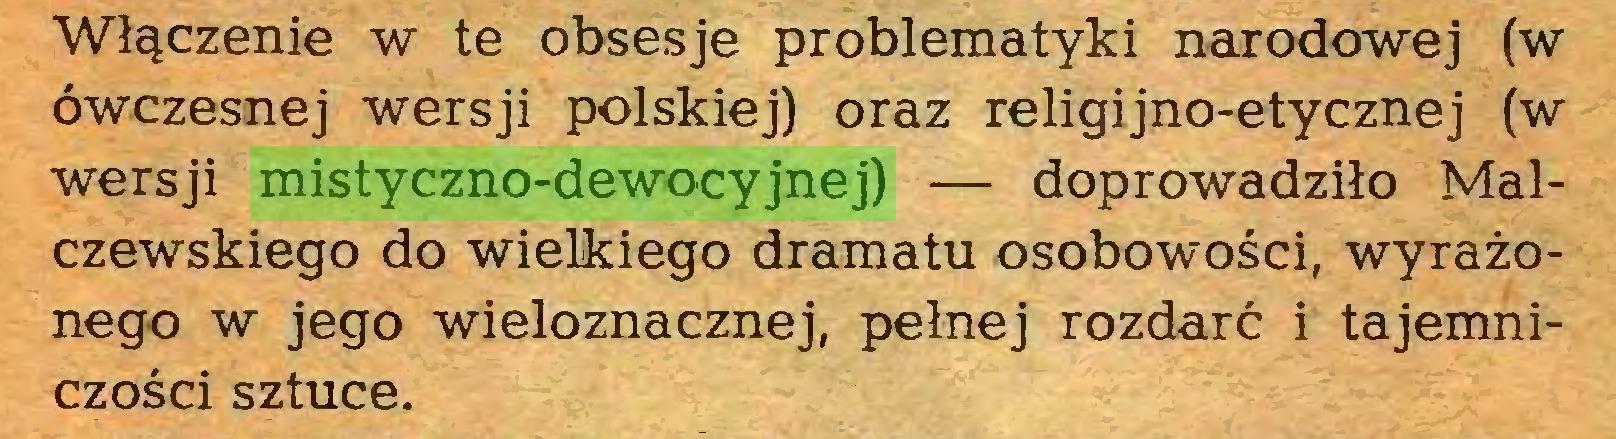 (...) Włączenie w te obsesje problematyki narodowej (w ówczesnej wersji polskiej) oraz religijno-etycznej (w wersji mistyczno-dewocyjnej) — doprowadziło Malczewskiego do wielkiego dramatu osobowości, wyrażonego w jego wieloznacznej, pełnej rozdarć i tajemniczości sztuce...